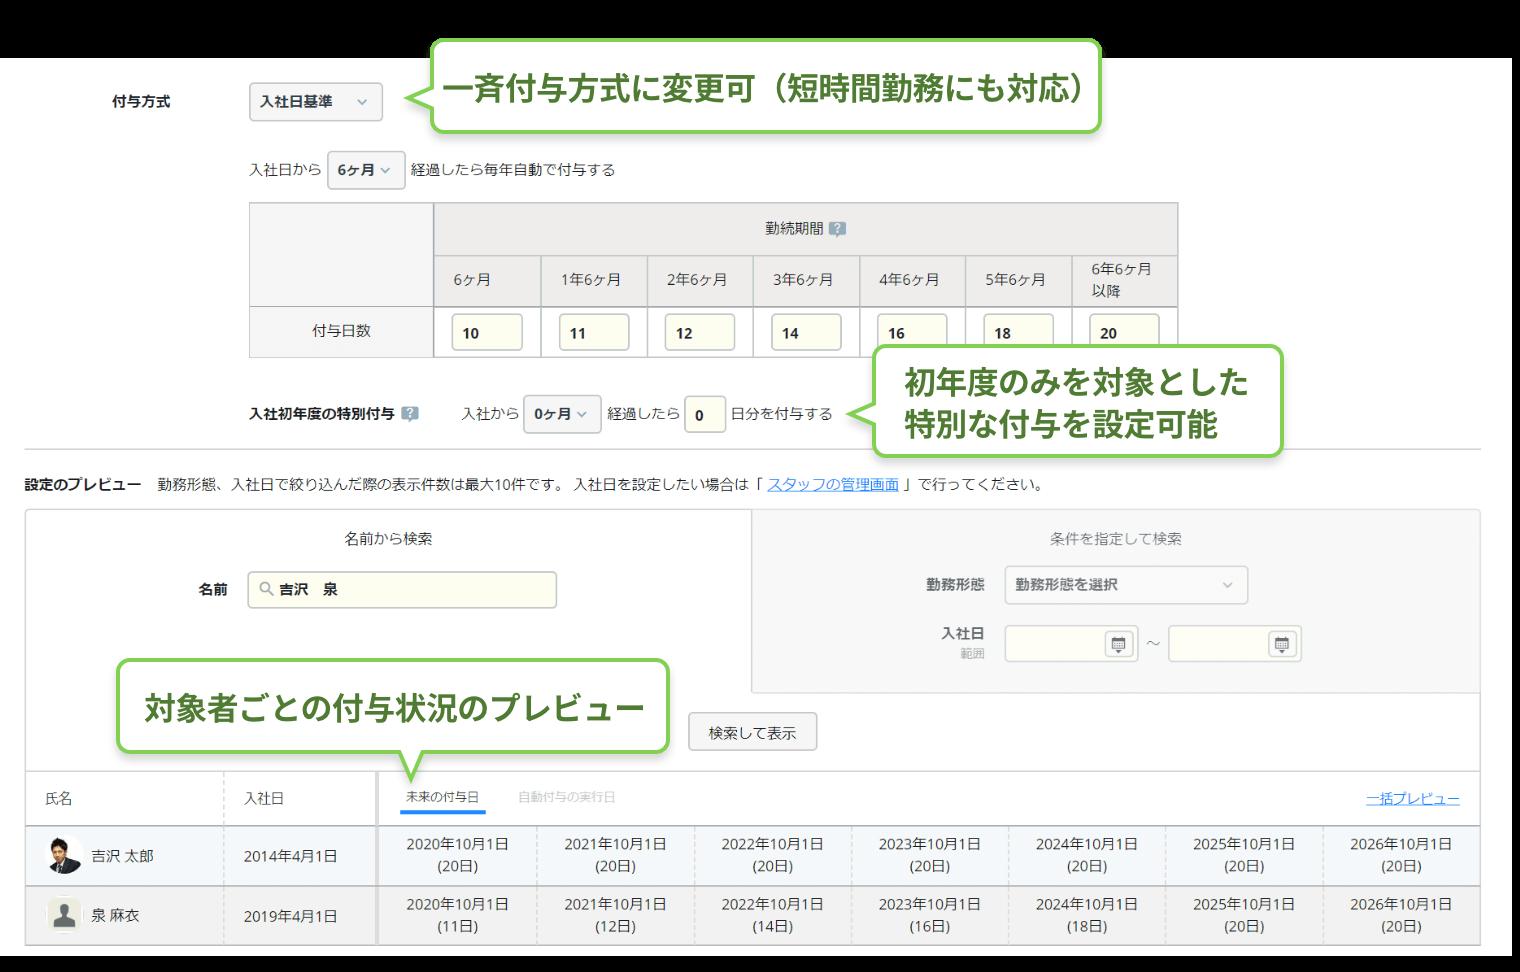 rakumo キンタイ 年休自動付与設定画面